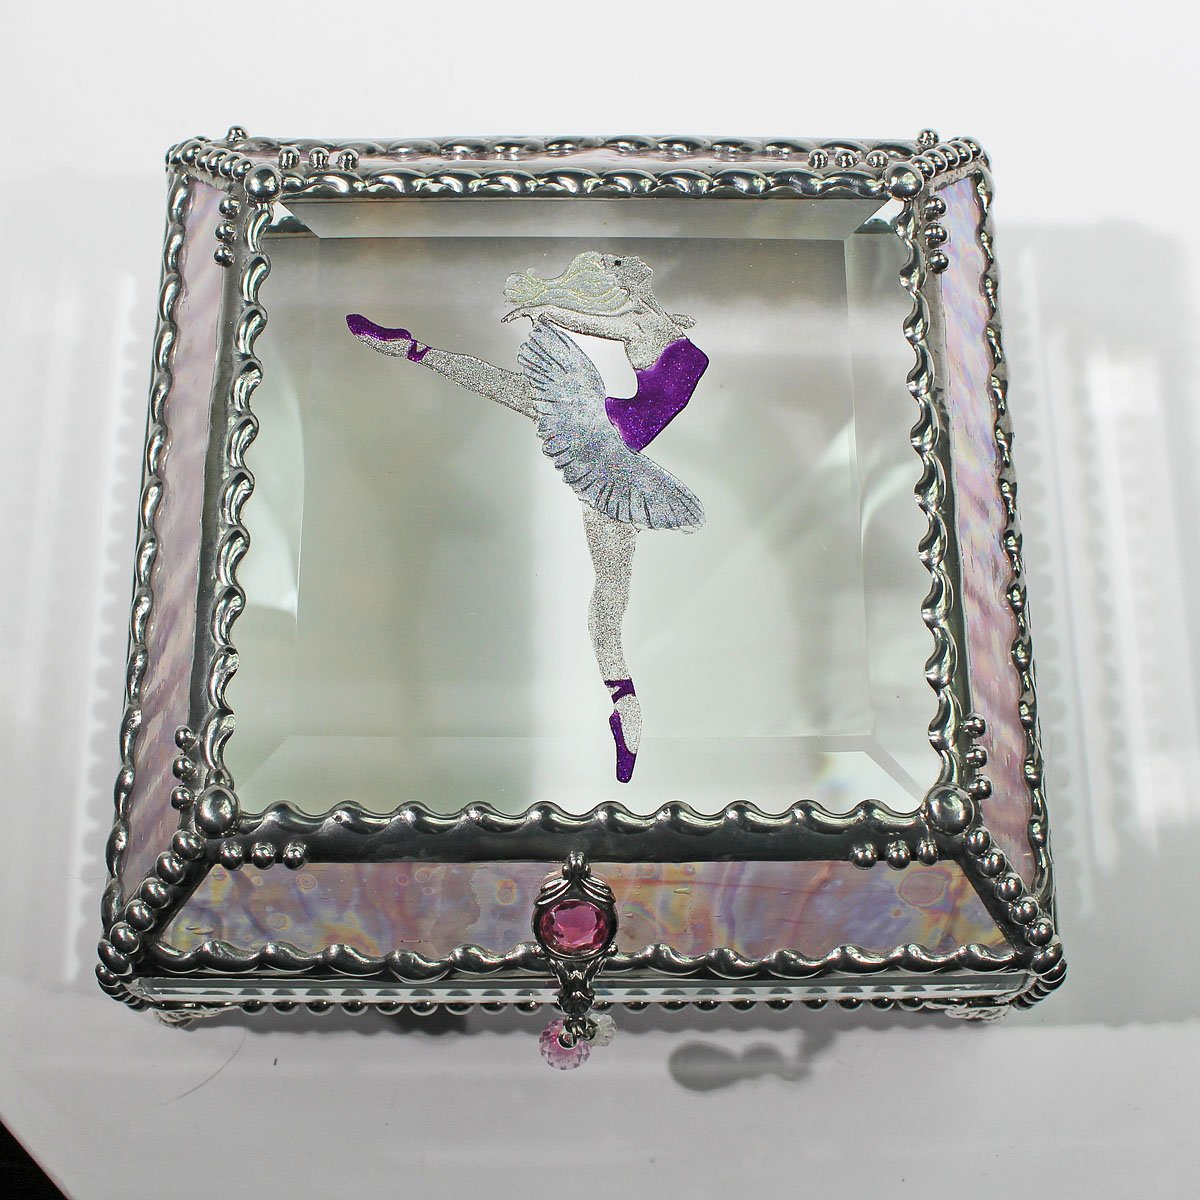 Ballerina 5X5 SILVER Jewelry Box by Glass Treasure Box